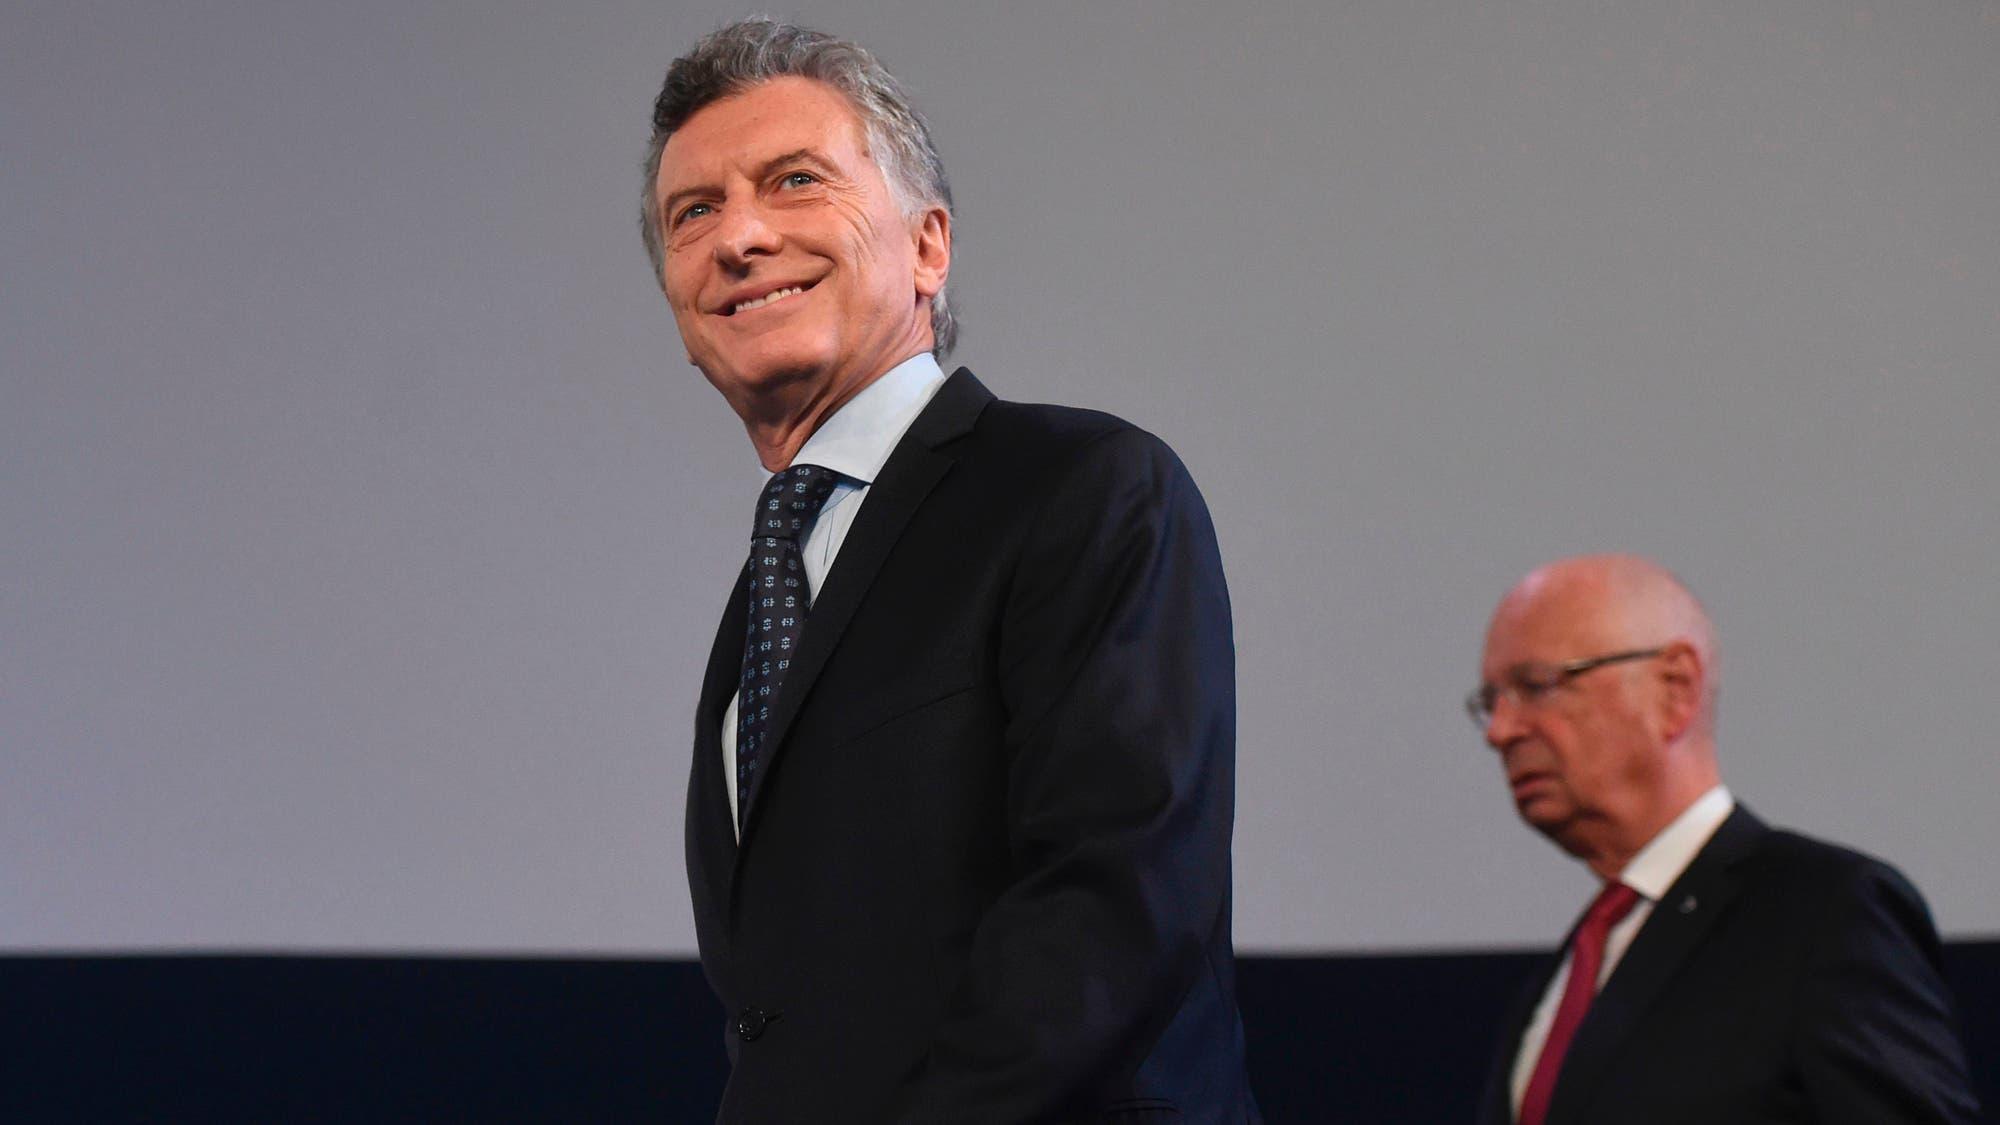 La Argentina va a ser el país que más va a crecer en los próximos 20 años, y otras frases de Mauricio Macri